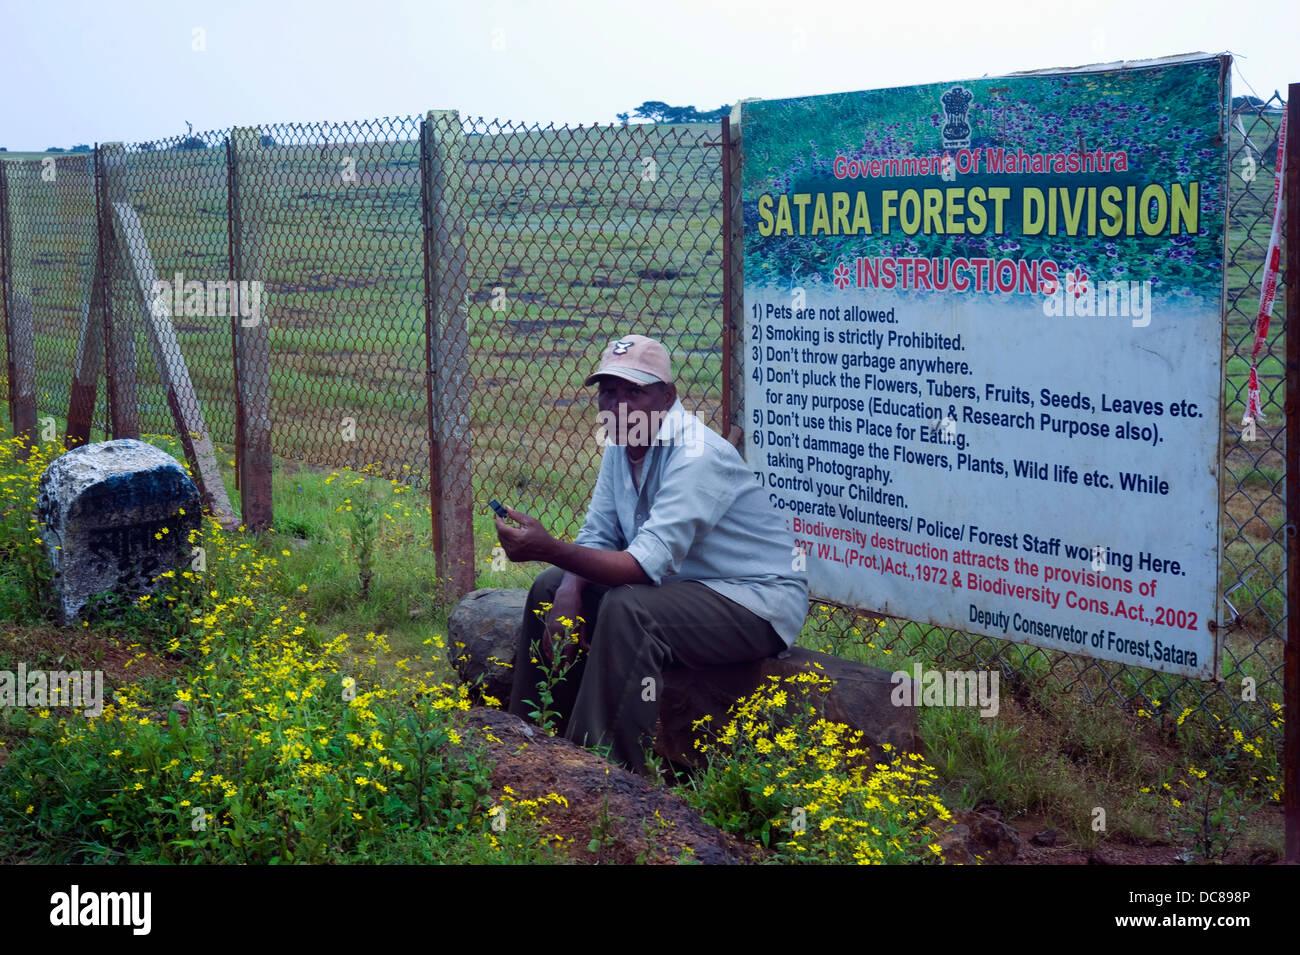 Guardia de seguridad sentado en frente de la División Forestal Cartel con instrucciones, Kass meseta, Satara Imagen De Stock